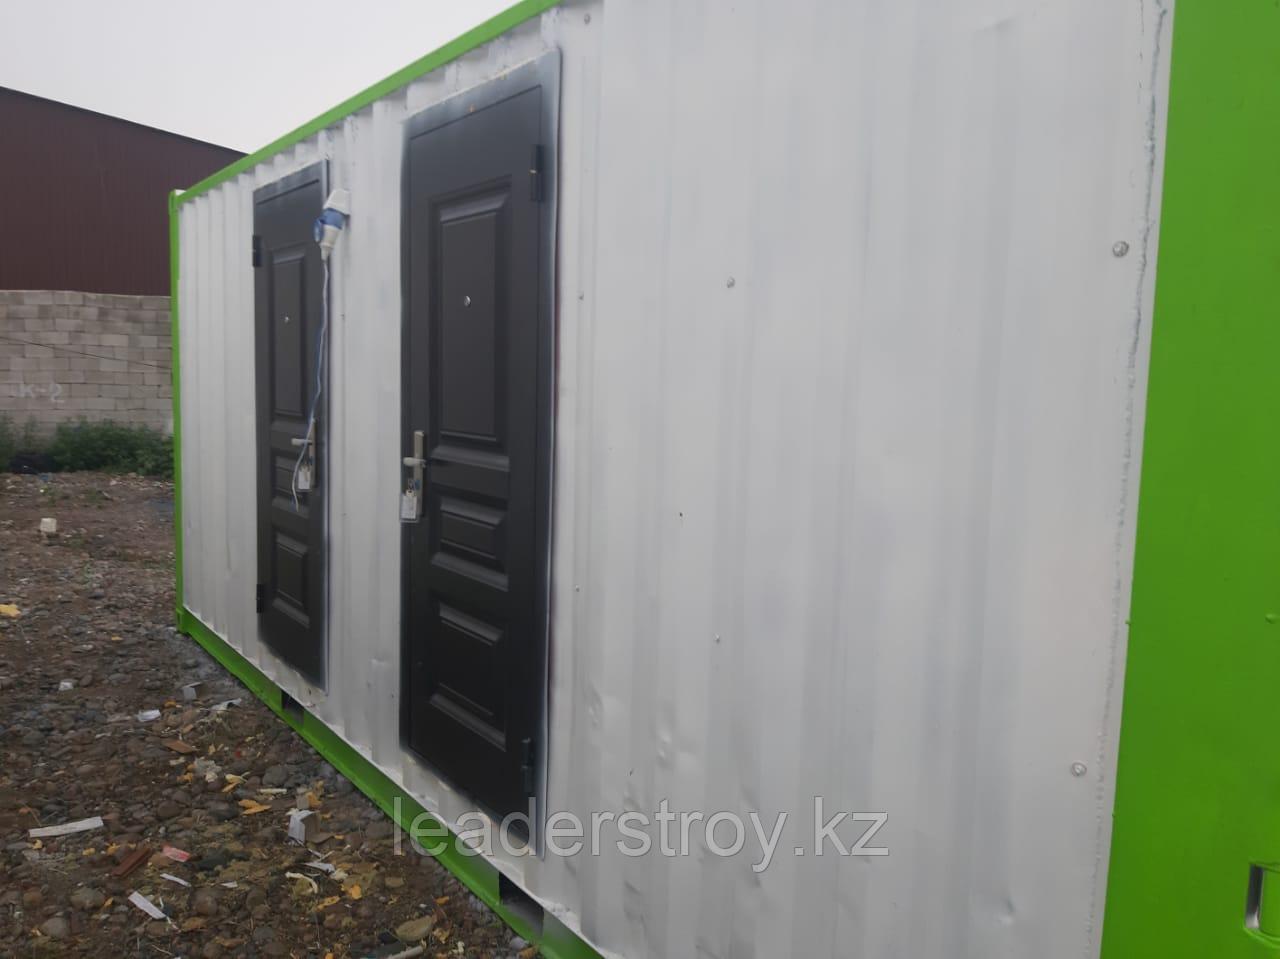 Модульный туалет из 20 фут. контейнера.